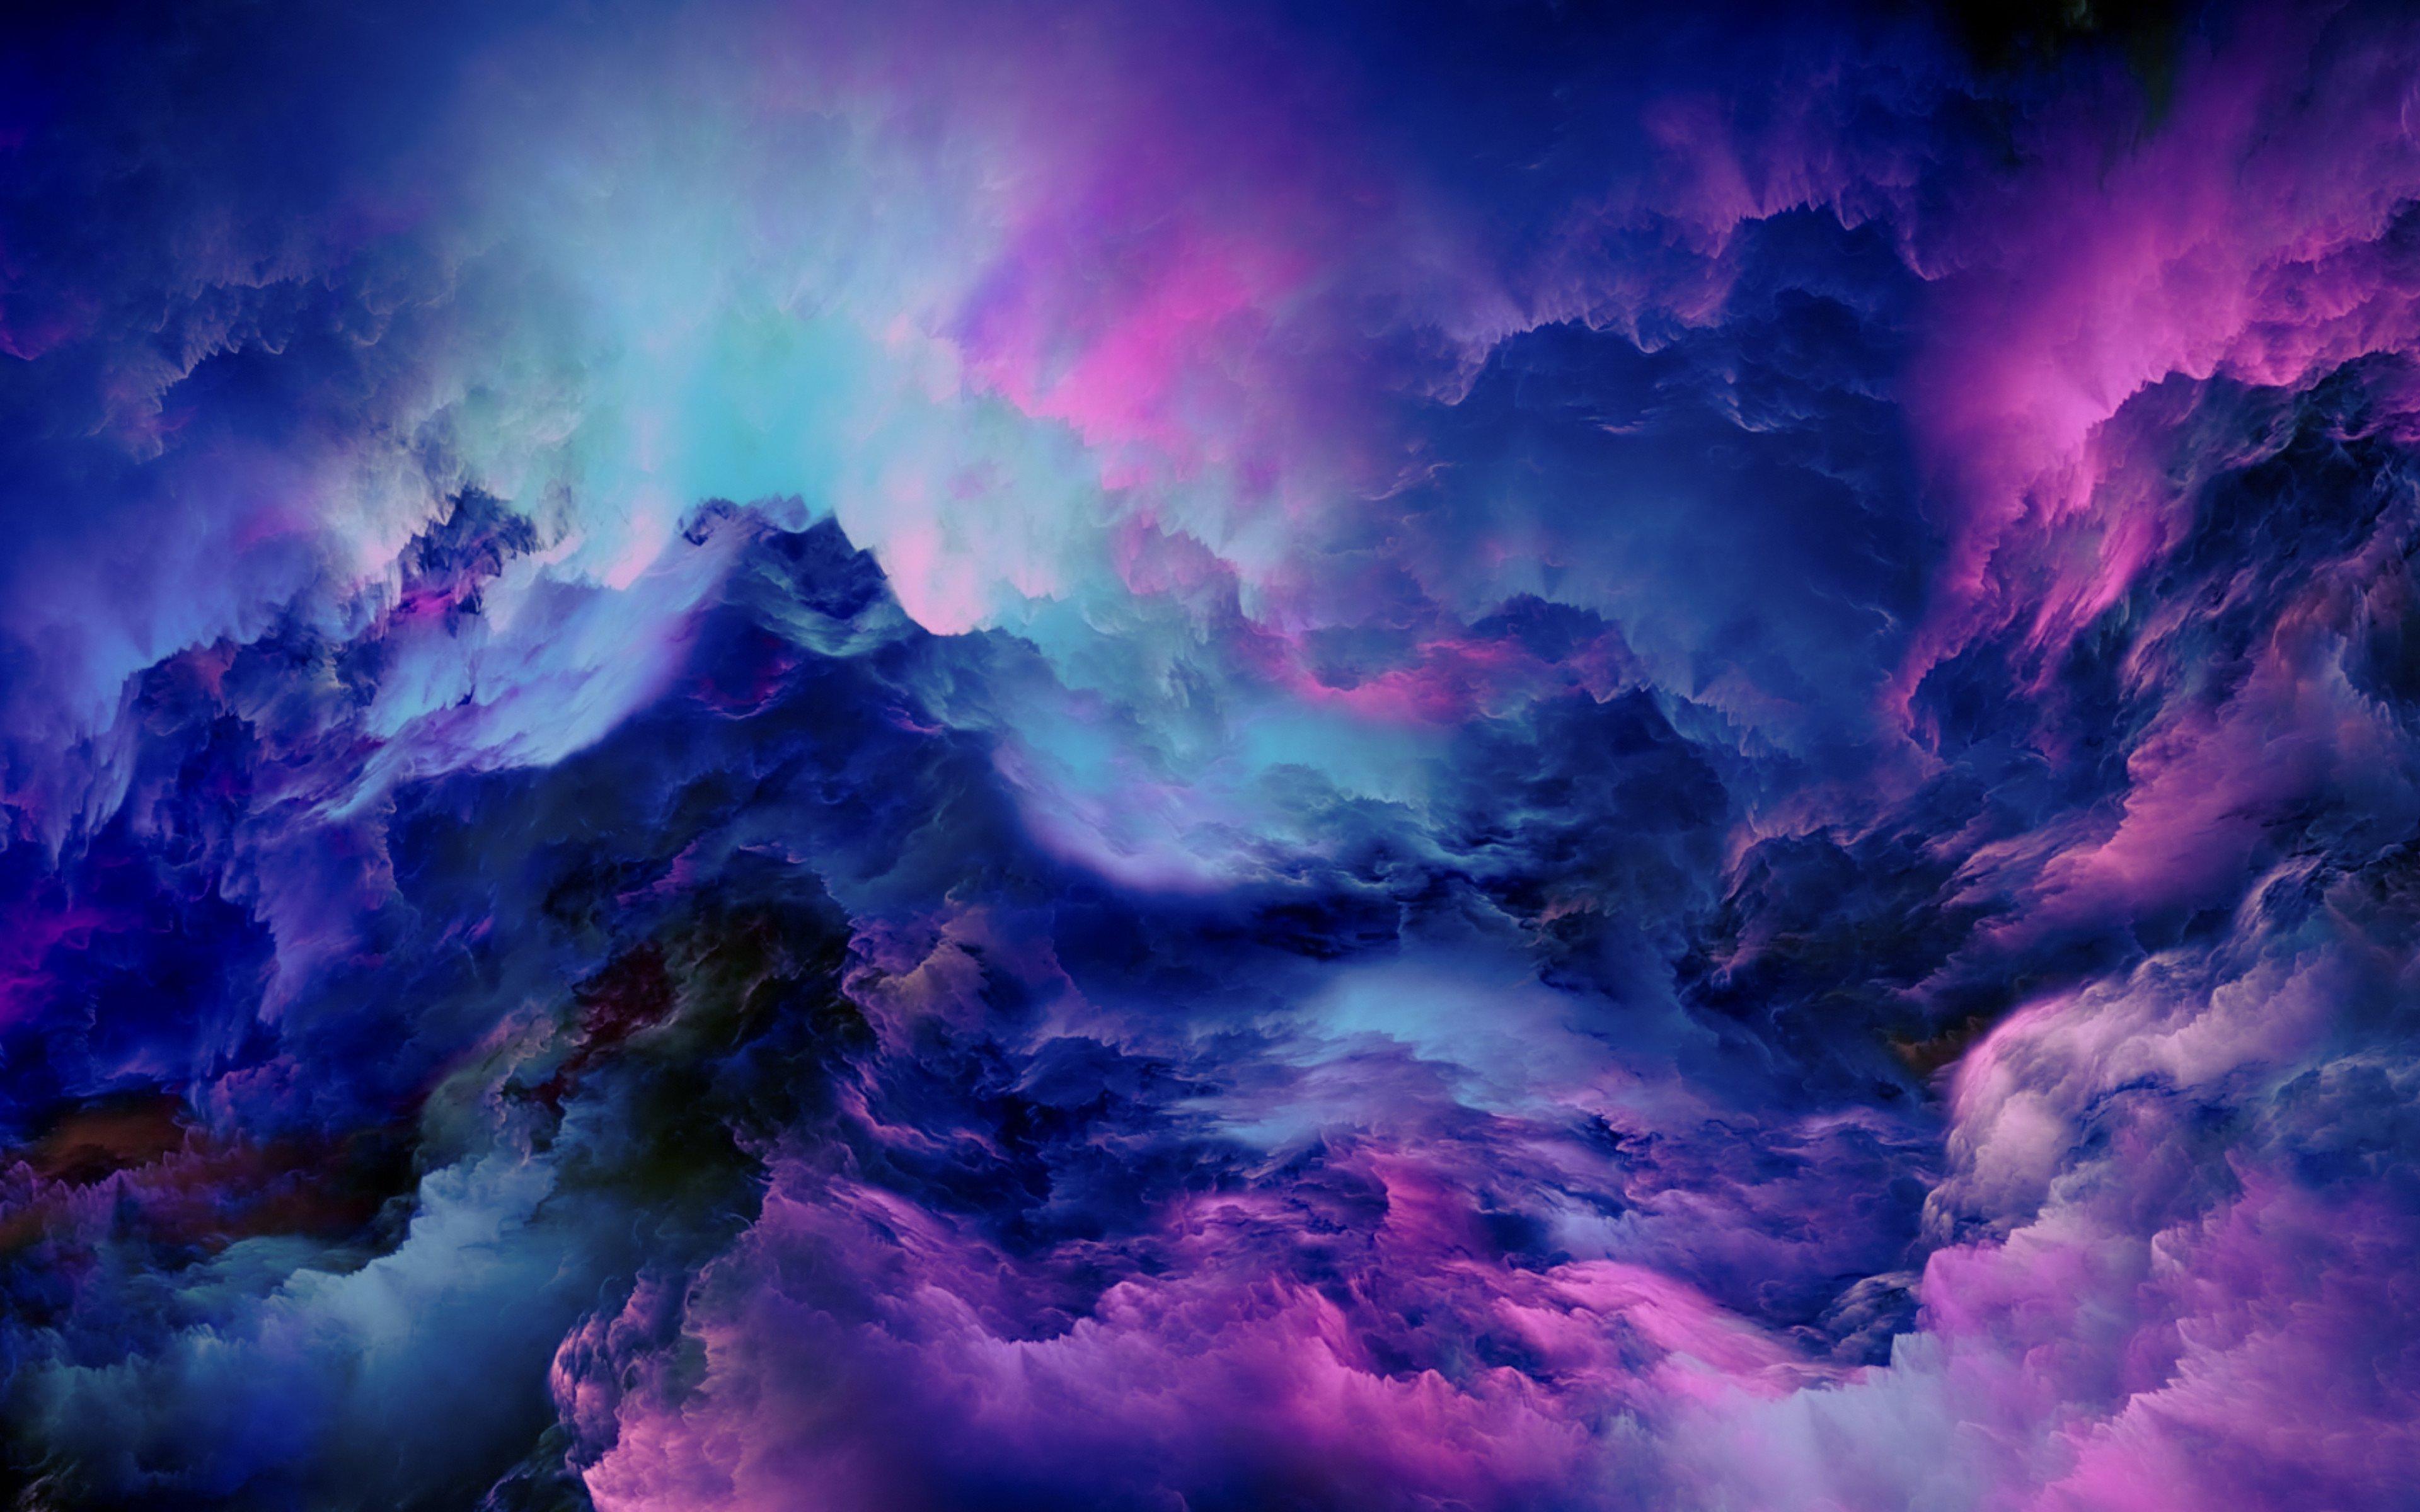 Fondos de pantalla Nubes abstractas iluminadas